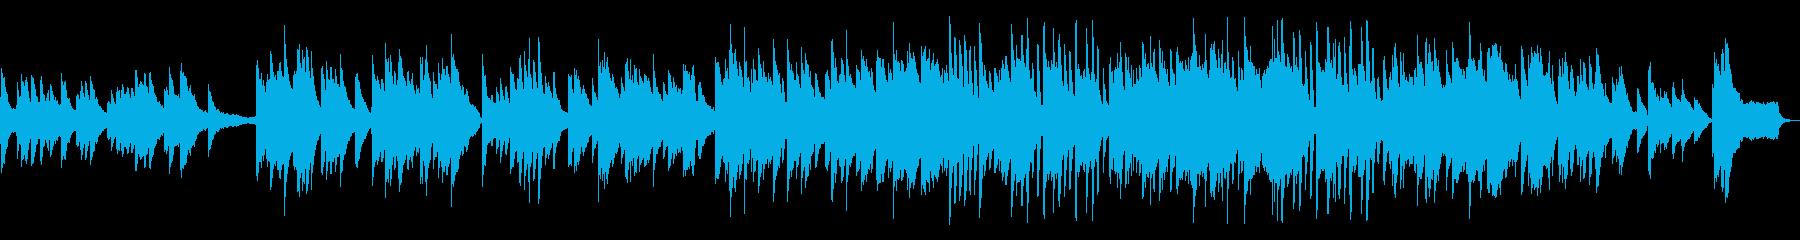 ピアノソロのロマンチックなバラード曲の再生済みの波形